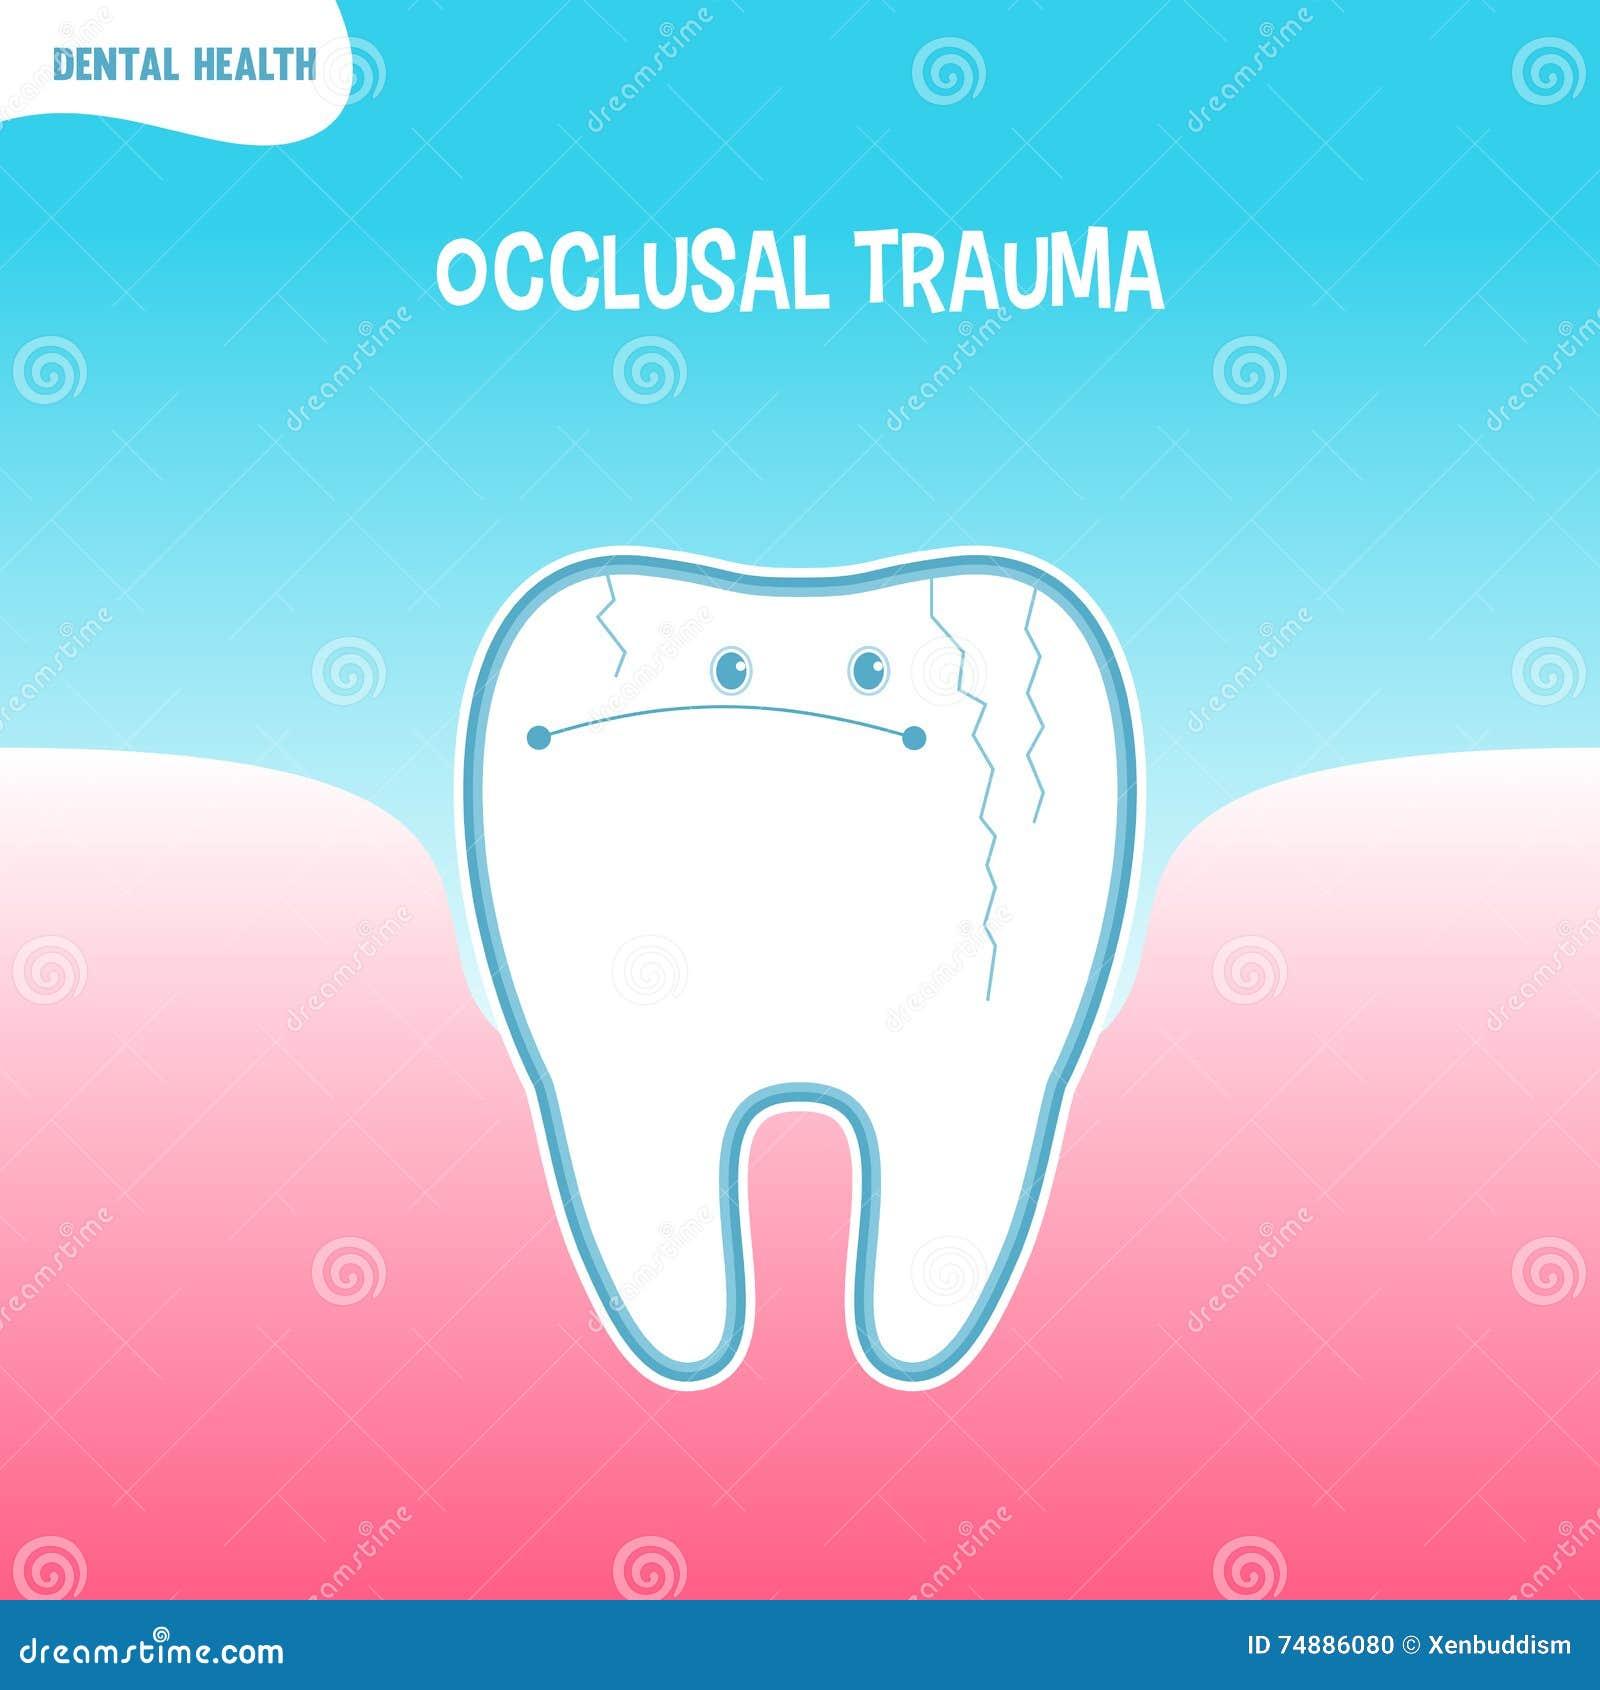 Ícone mau do dente dos desenhos animados com traumatismo occlusal